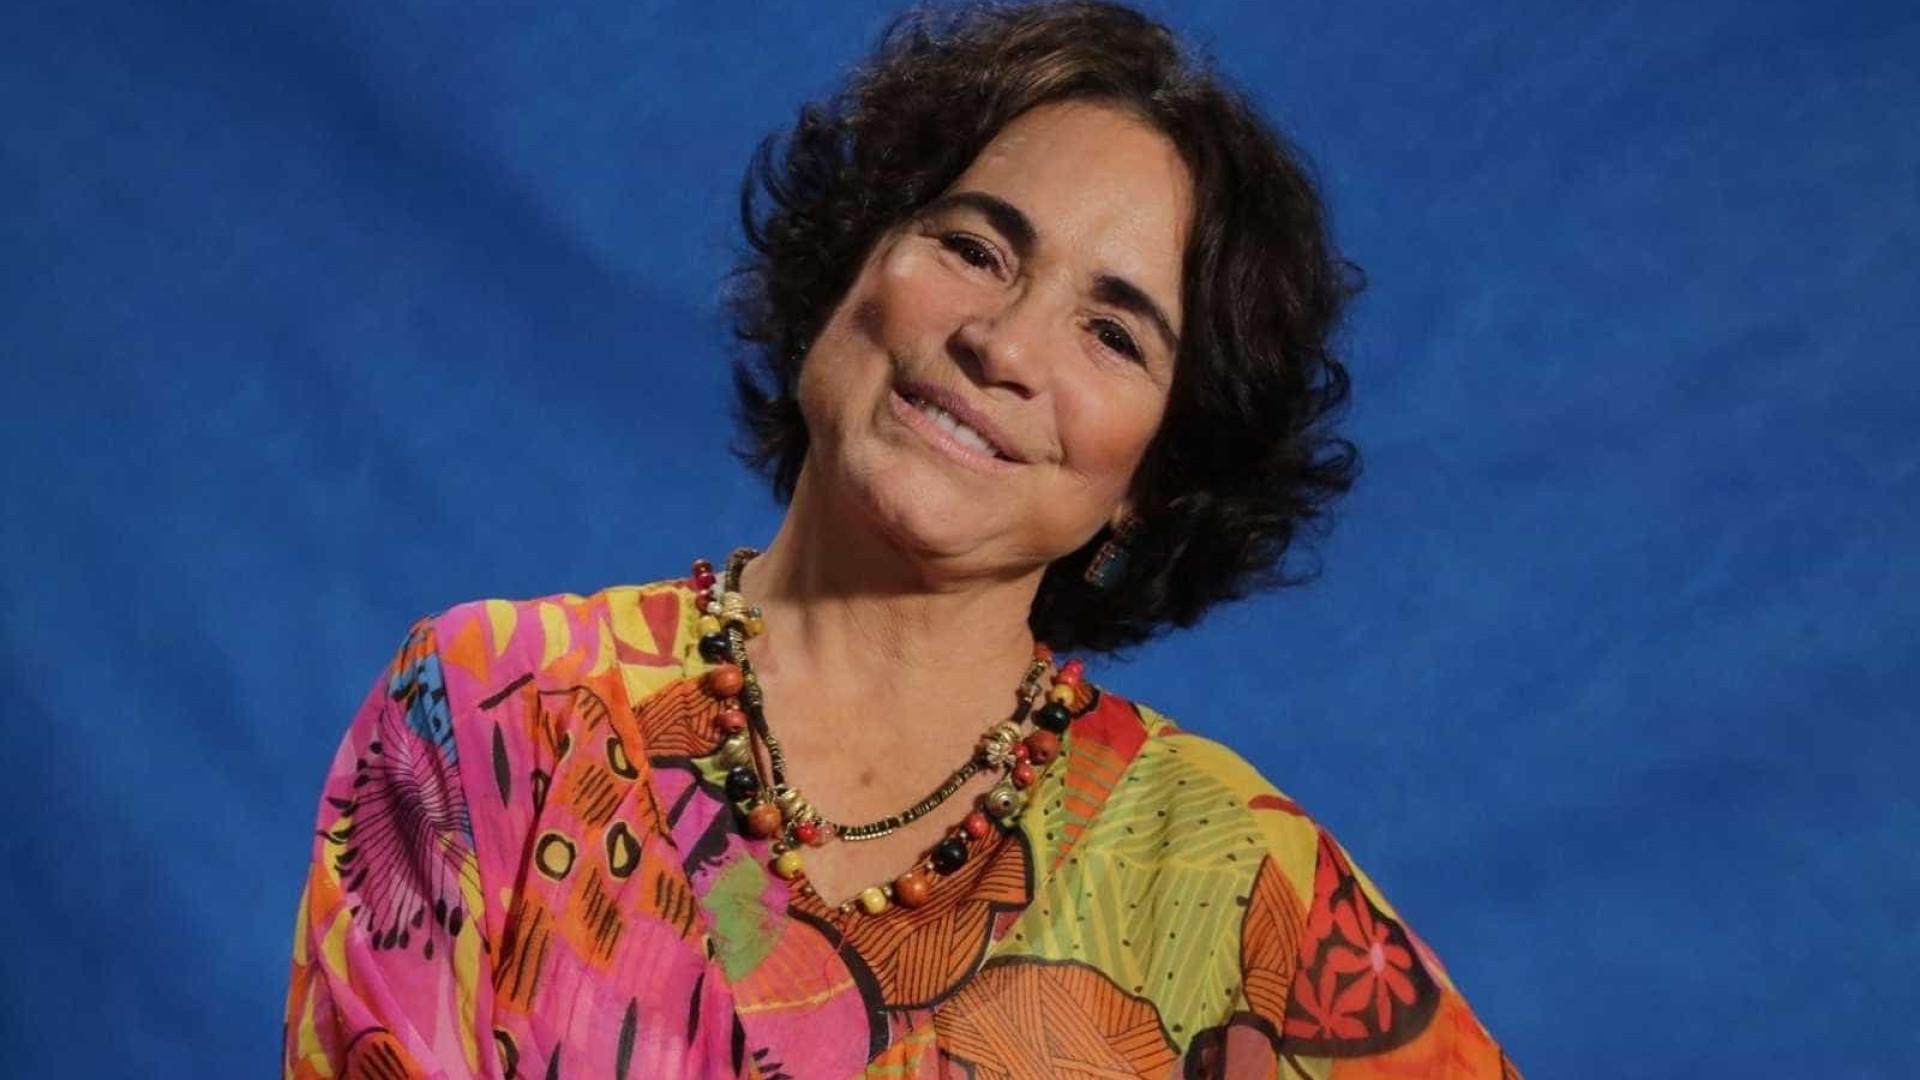 Regina Duarte aos 70 anos: 'Sou aquela expansiva incontrolável'